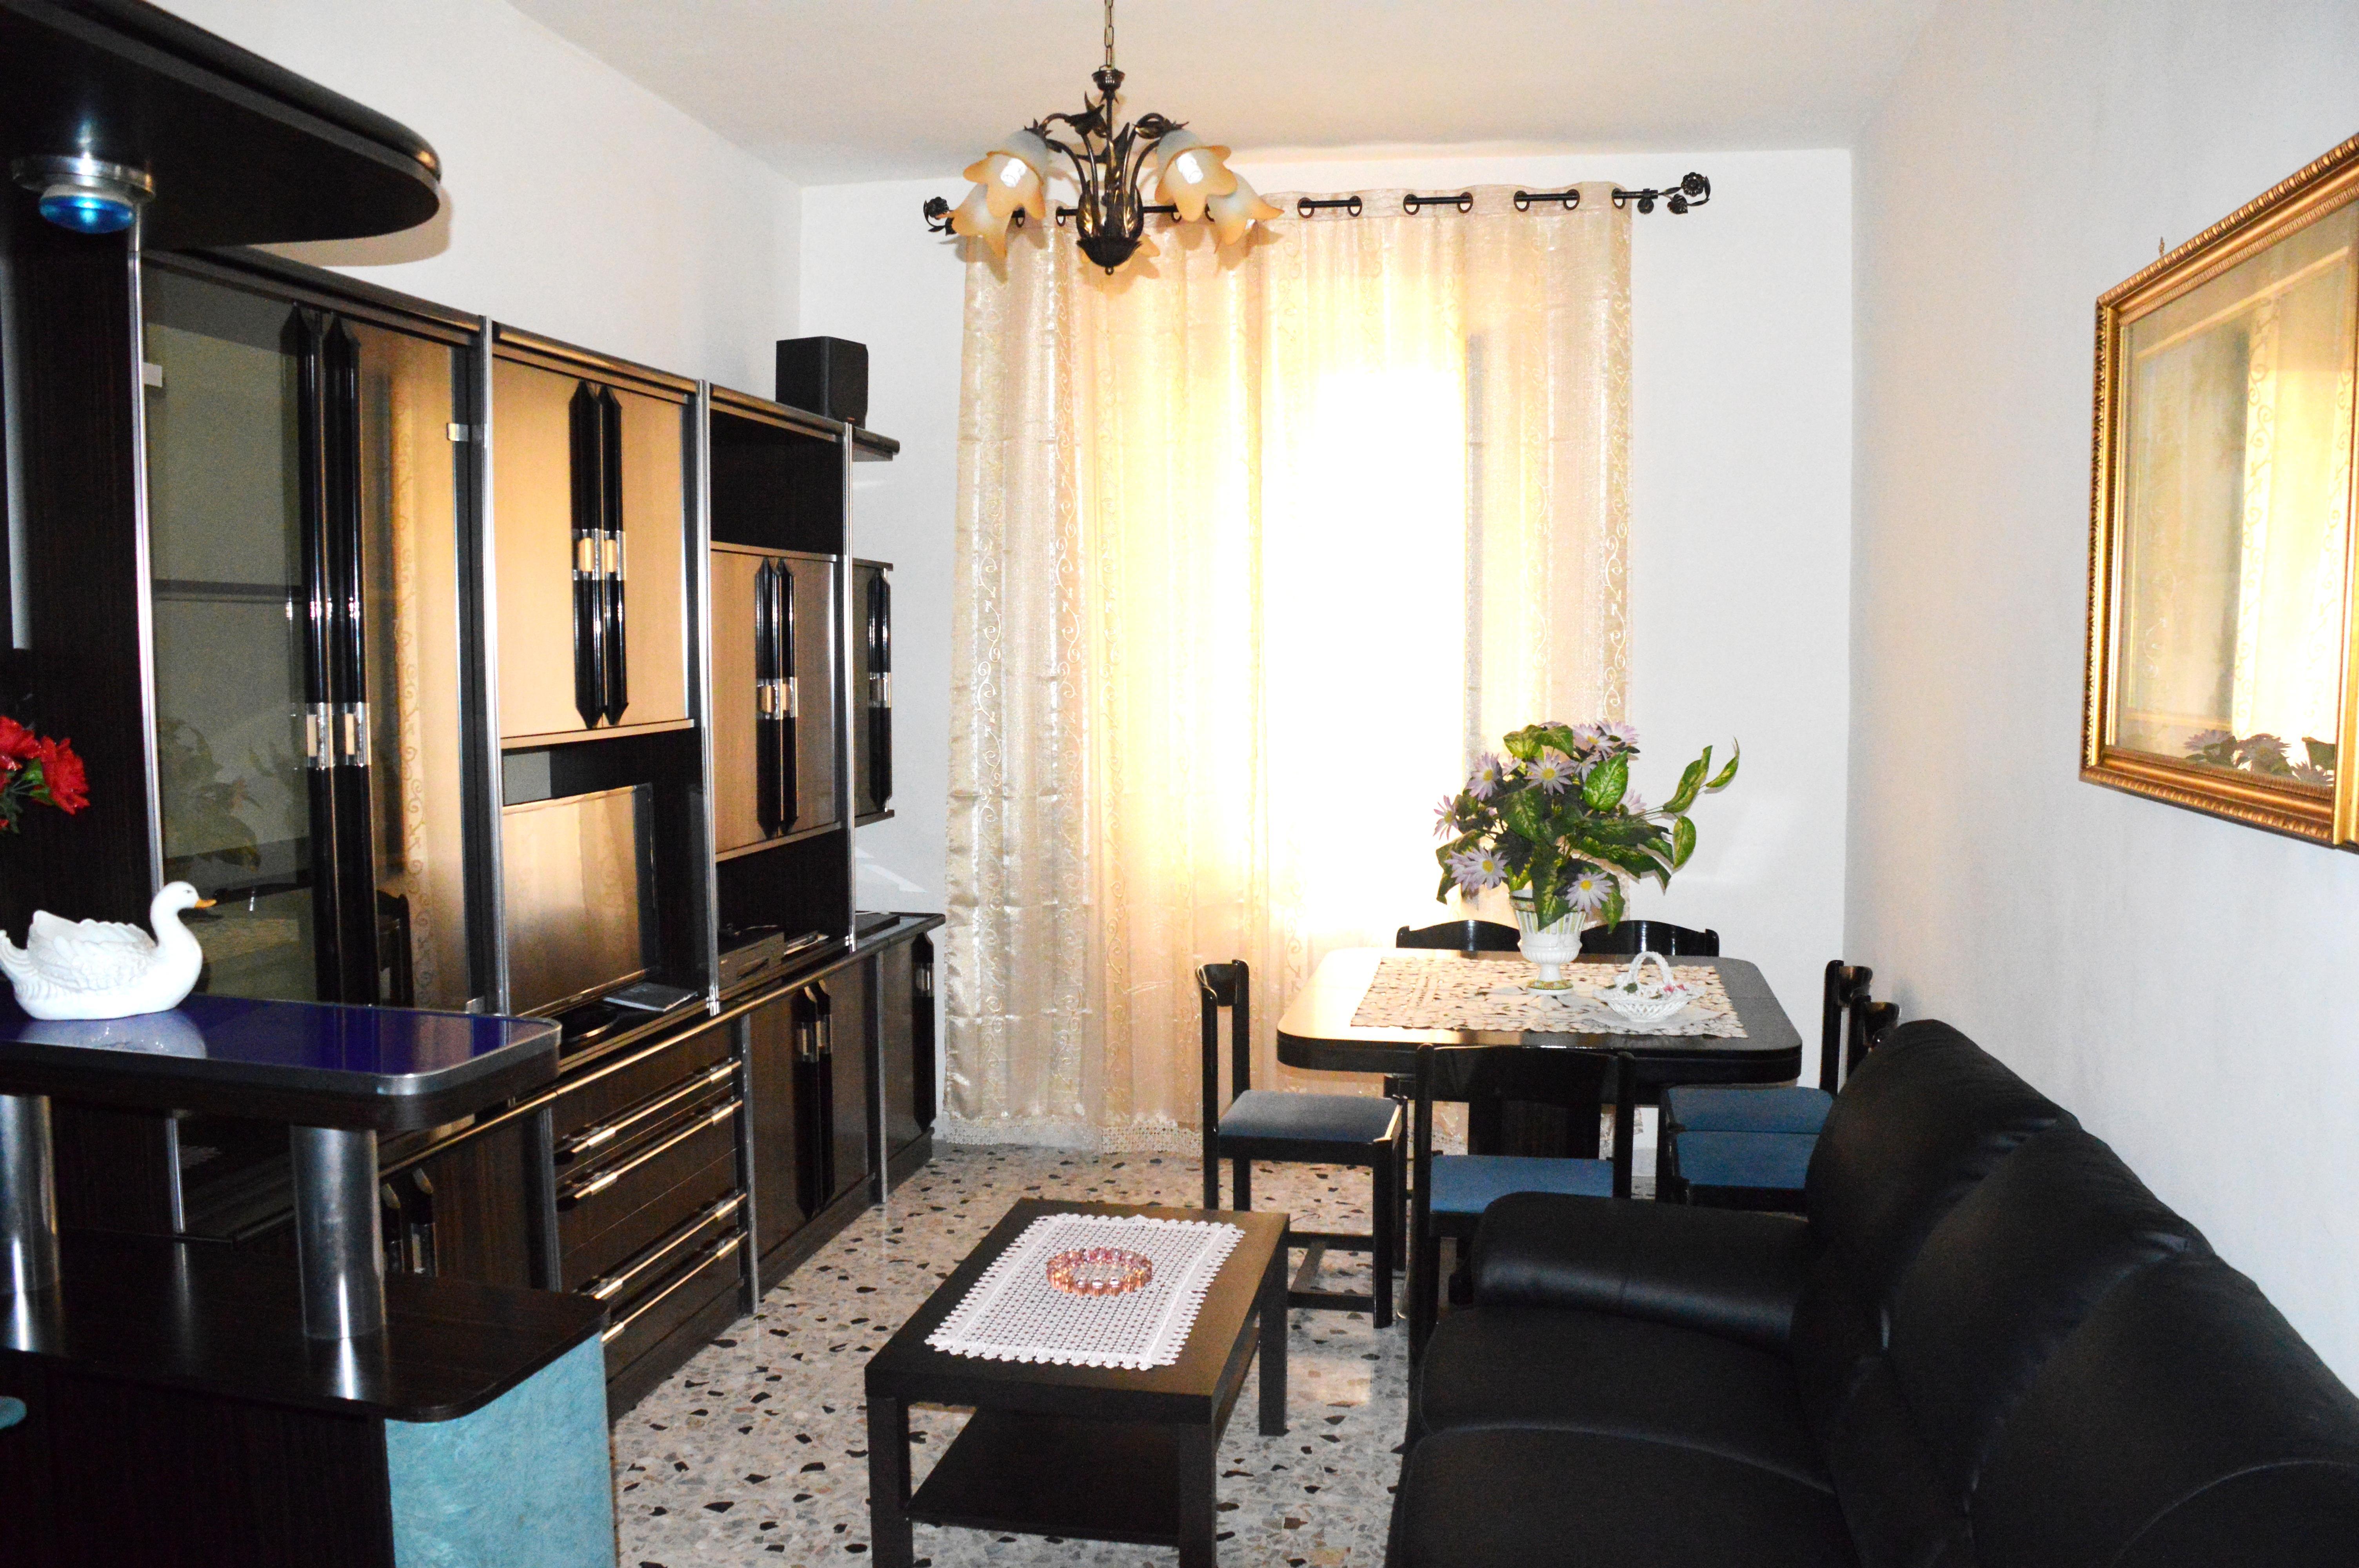 Vendita casa a roma in via goffredo mameli trastevere 81 for Case in vendita roma trastevere